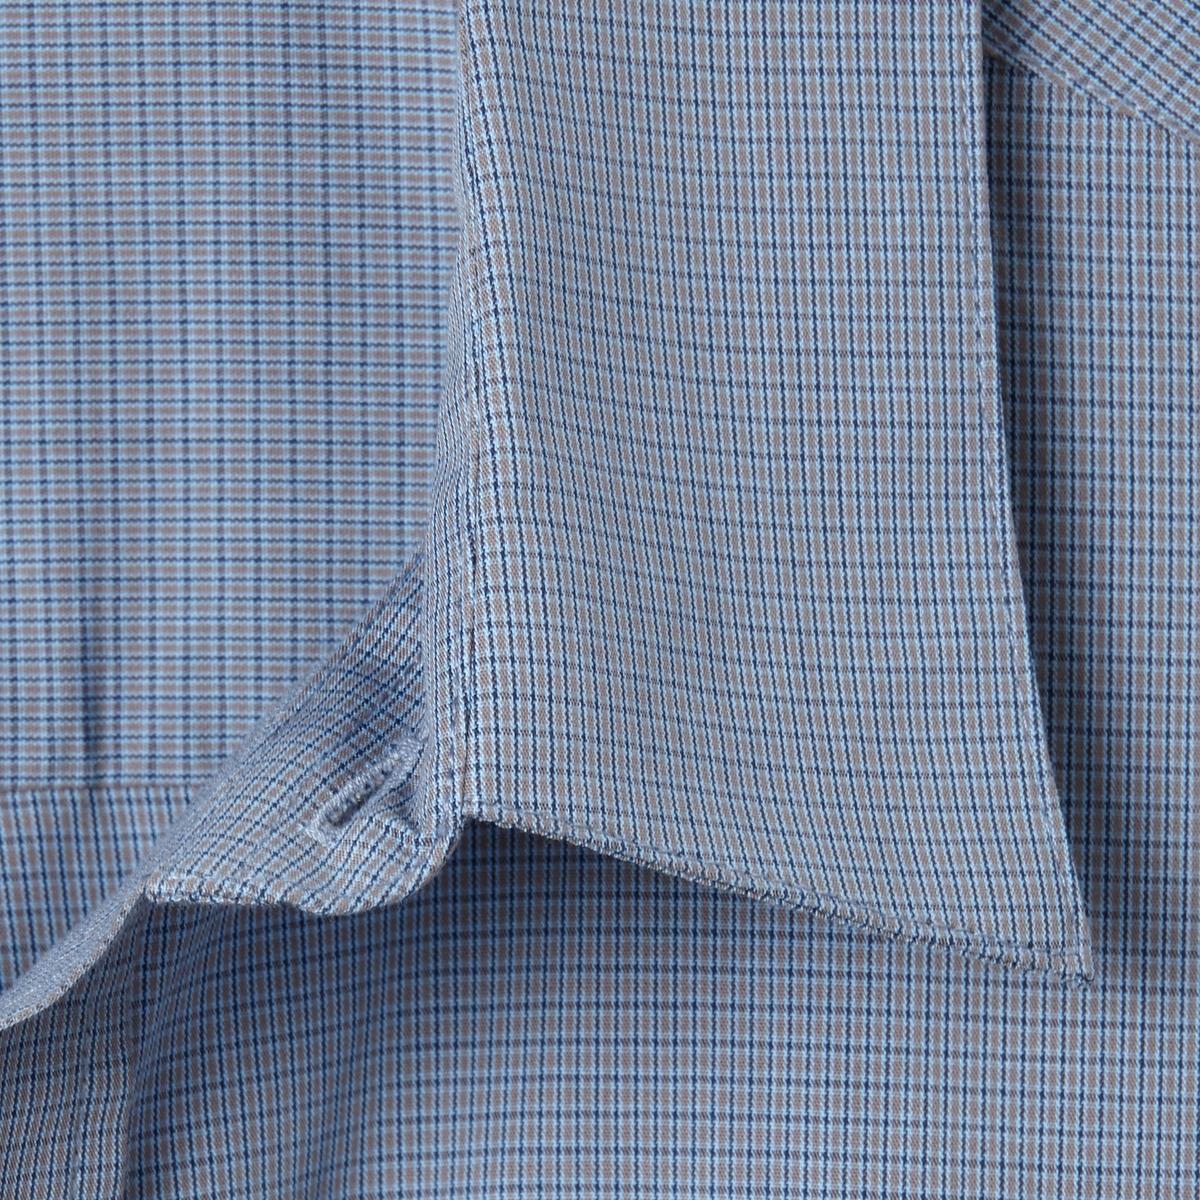 Рубашка из поплина, рост 2 (от 1,76 до 1,87 м)Рубашка с длинными рукавами.  Из оригинального поплина в полоску или в клетку с окрашенными волокнами. Воротник со свободными уголками. 1 нагрудный карман. Складка с вешалкой сзади. Слегка закругленный низ.Поплин, 100% хлопок. Рост 2 (при росте от 1,76 до 1,87 м) :  длина рубашки 85 см, длина рукава 65 см. Есть модели на рост 1 и 3.<br><br>Цвет: в клетку серый/синий,в полоску бордовый/белый<br>Размер: 41/42